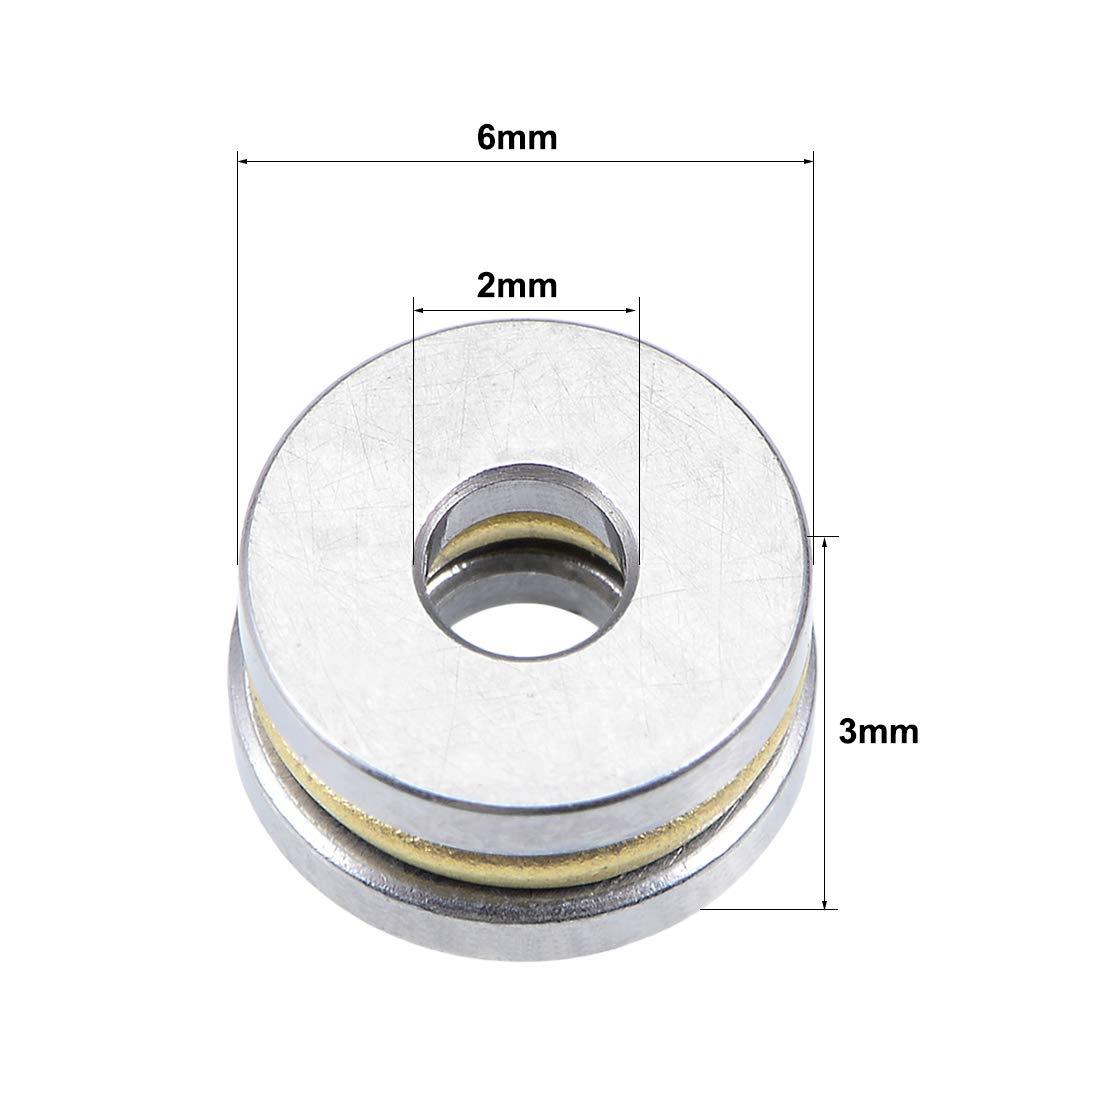 1Qt/é sourcing map Miniature Thrust Bille Roulements Chrome Acier Roulement F8-16